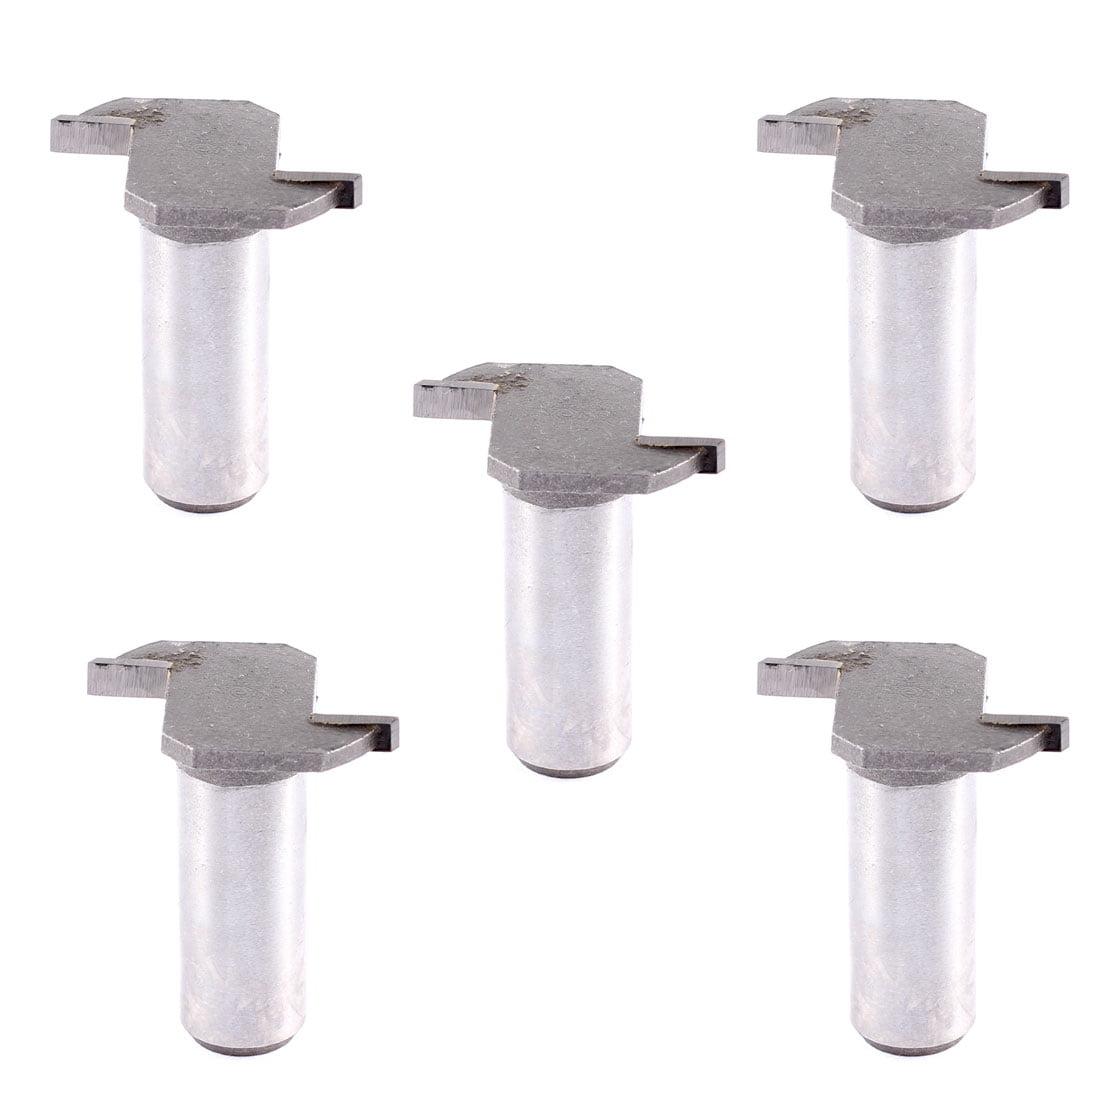 11//16//19//25//30//40mm Dia Dome Caps Bathroom Mirror Advertising Decorative screws